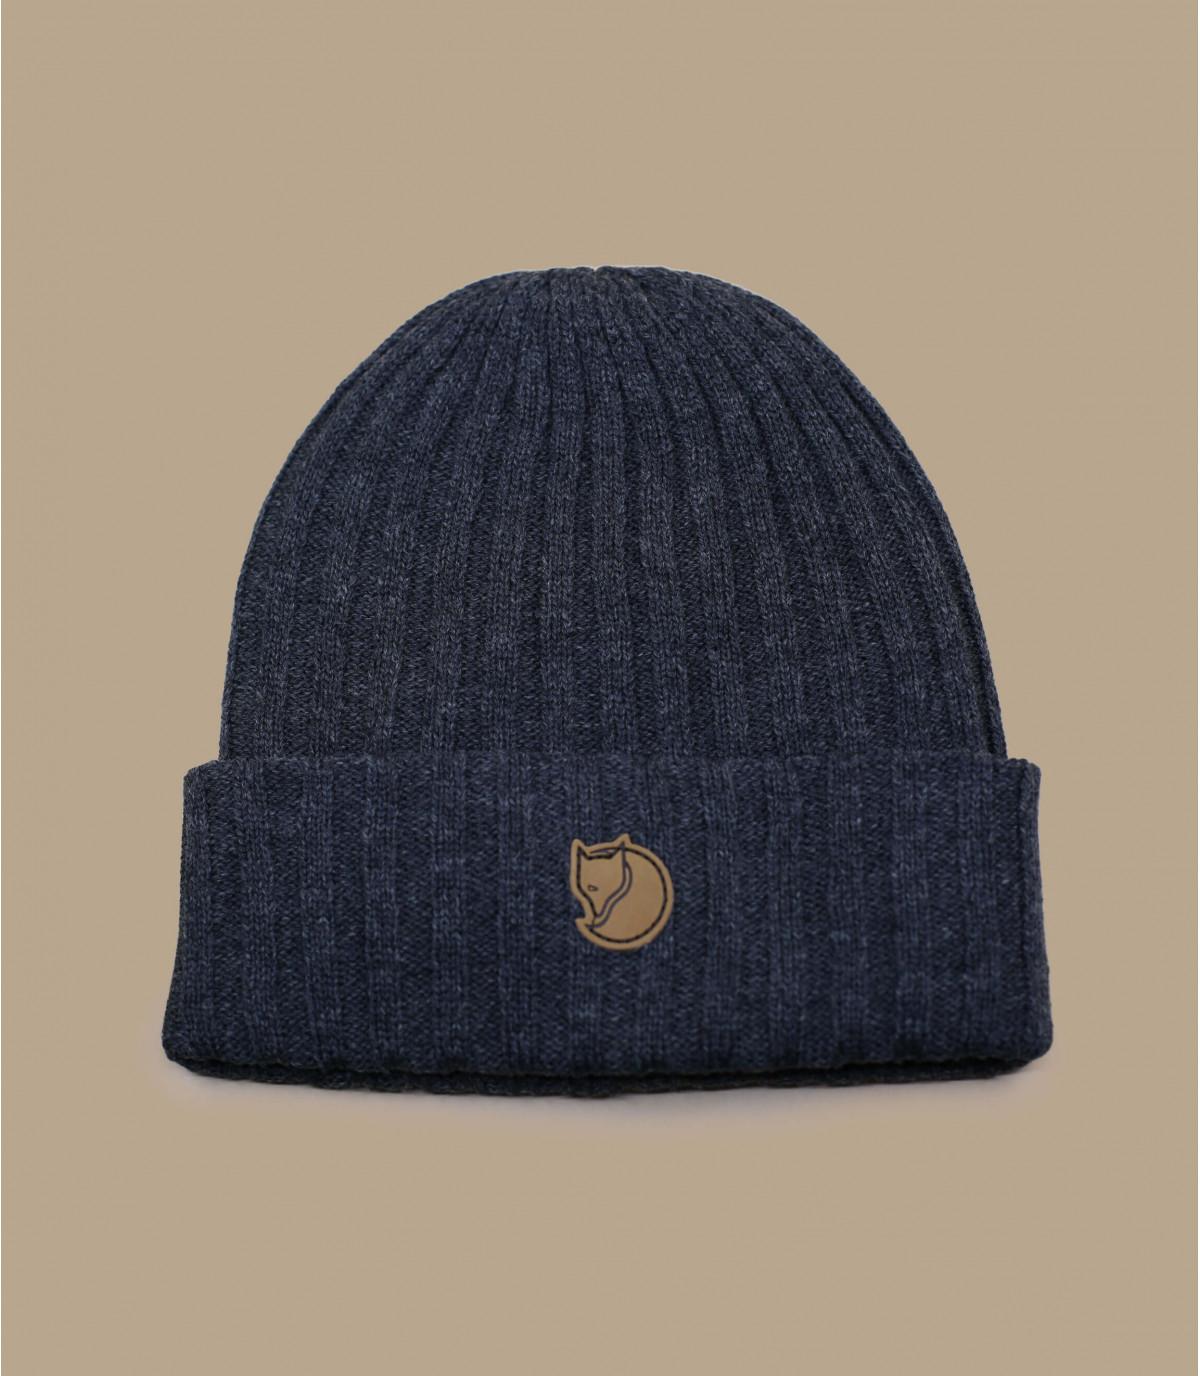 Mütze Revers Fjällräven grau